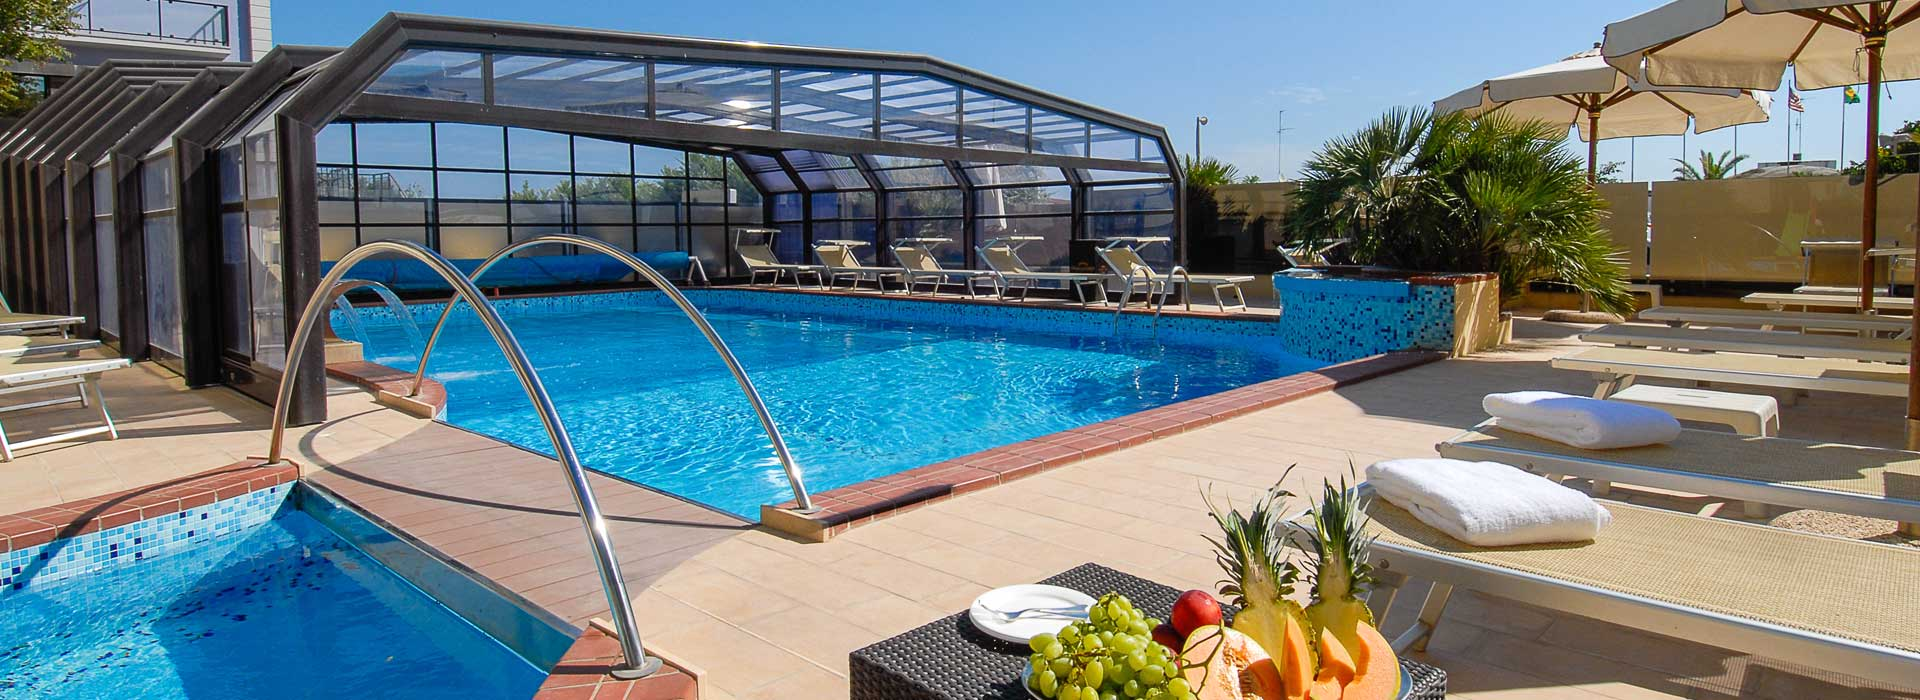 Decking wpc prezzi idee di architettura d 39 interni e for Busatta piscine prezzi